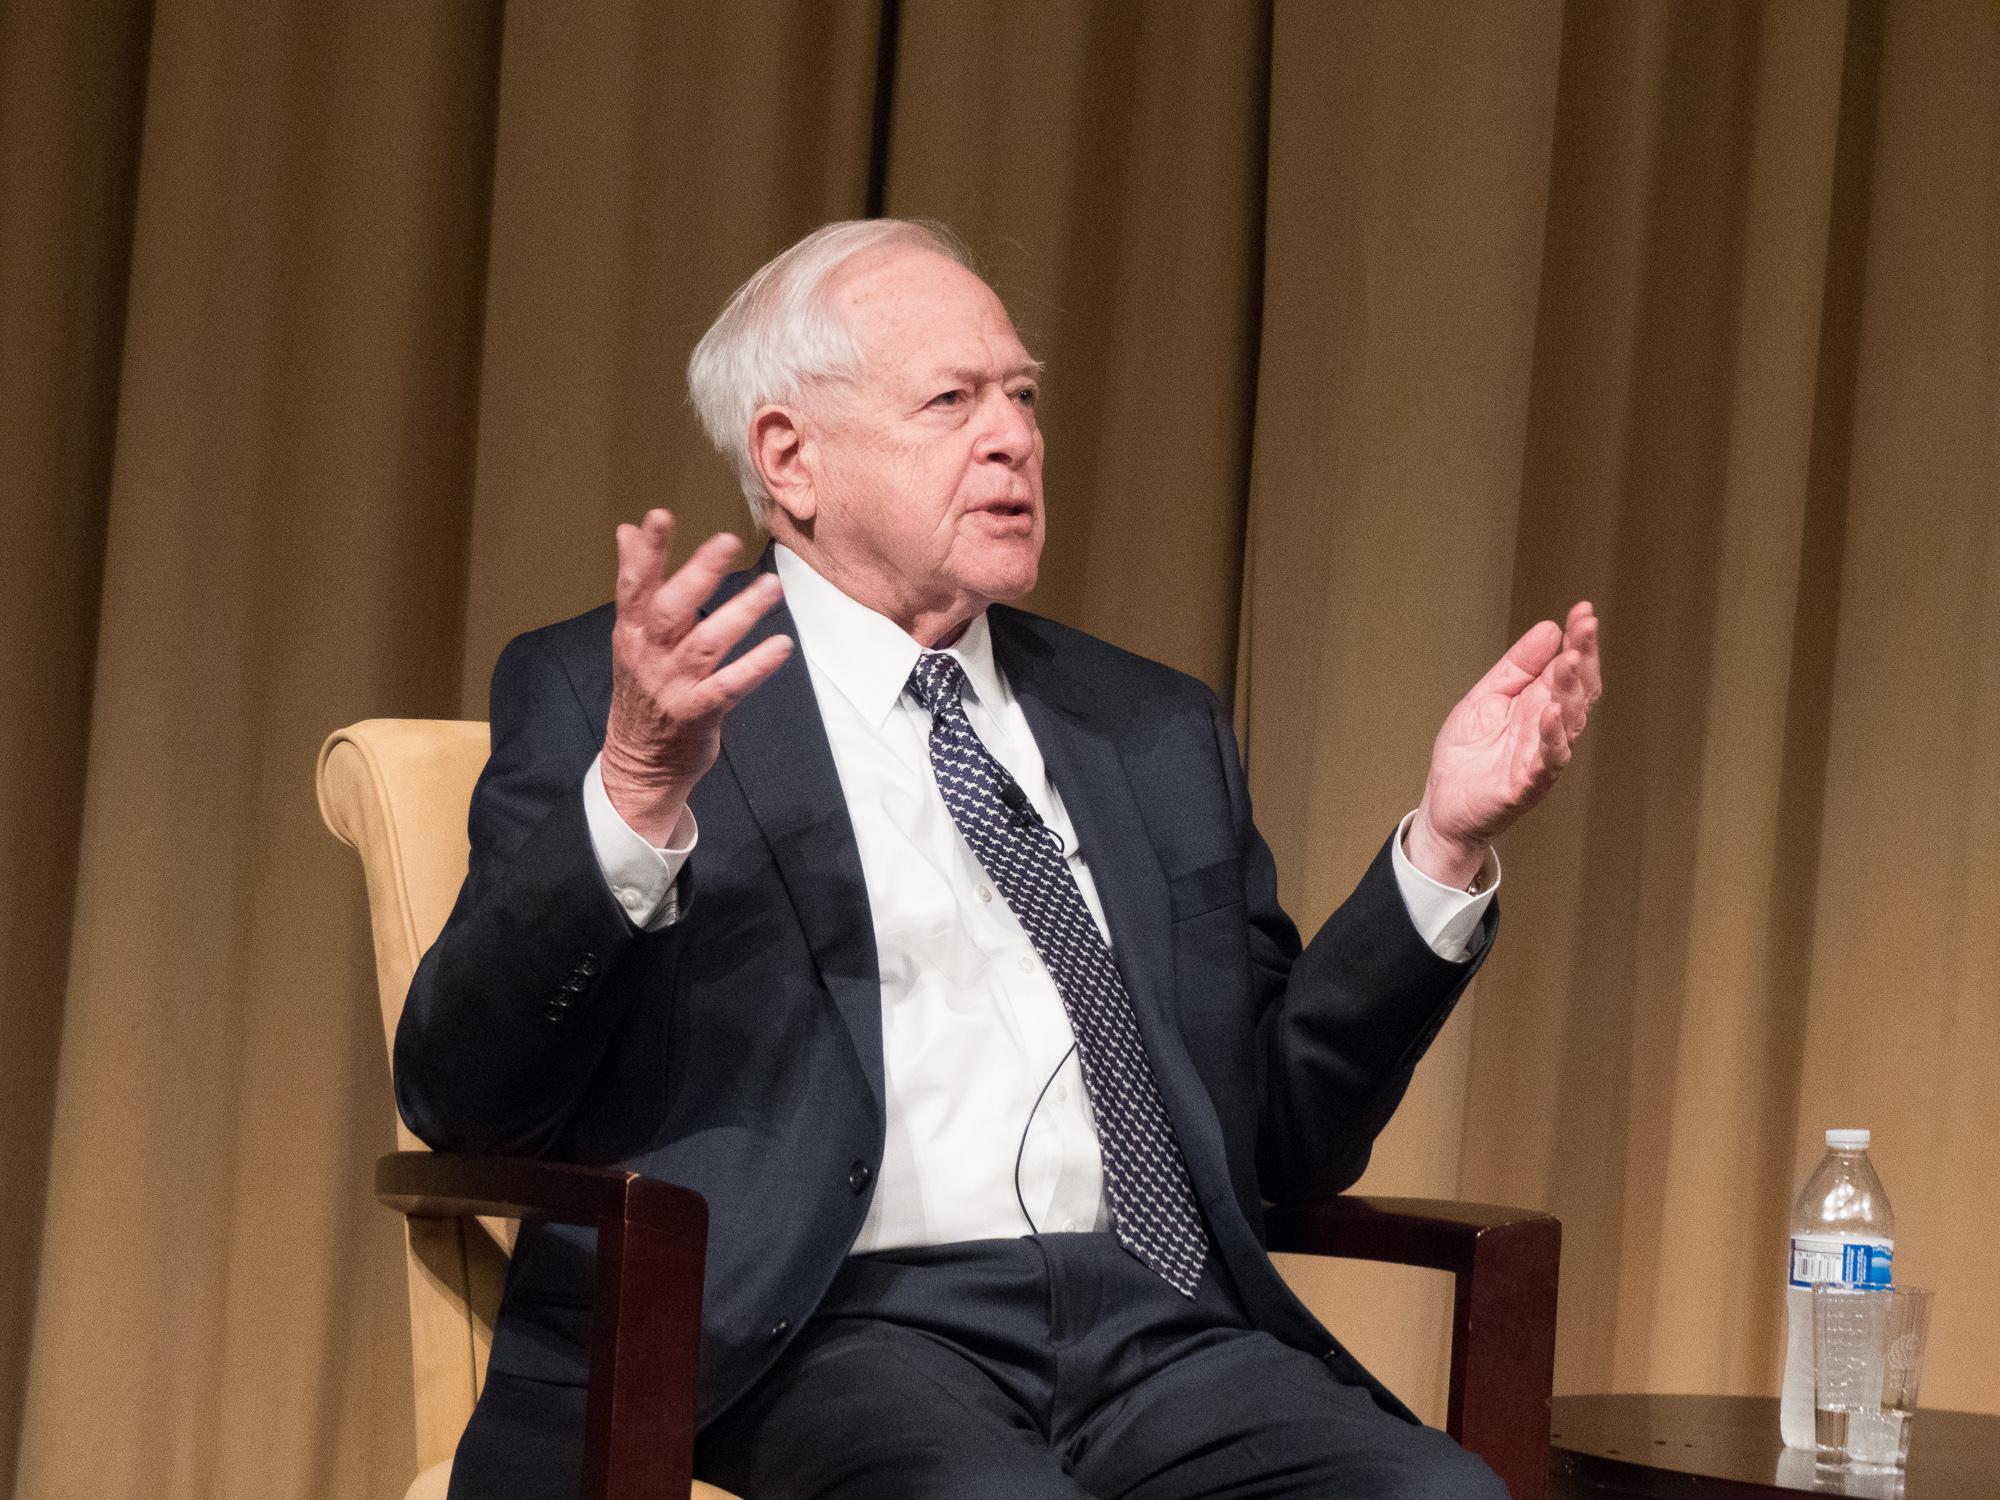 Hess in 2018